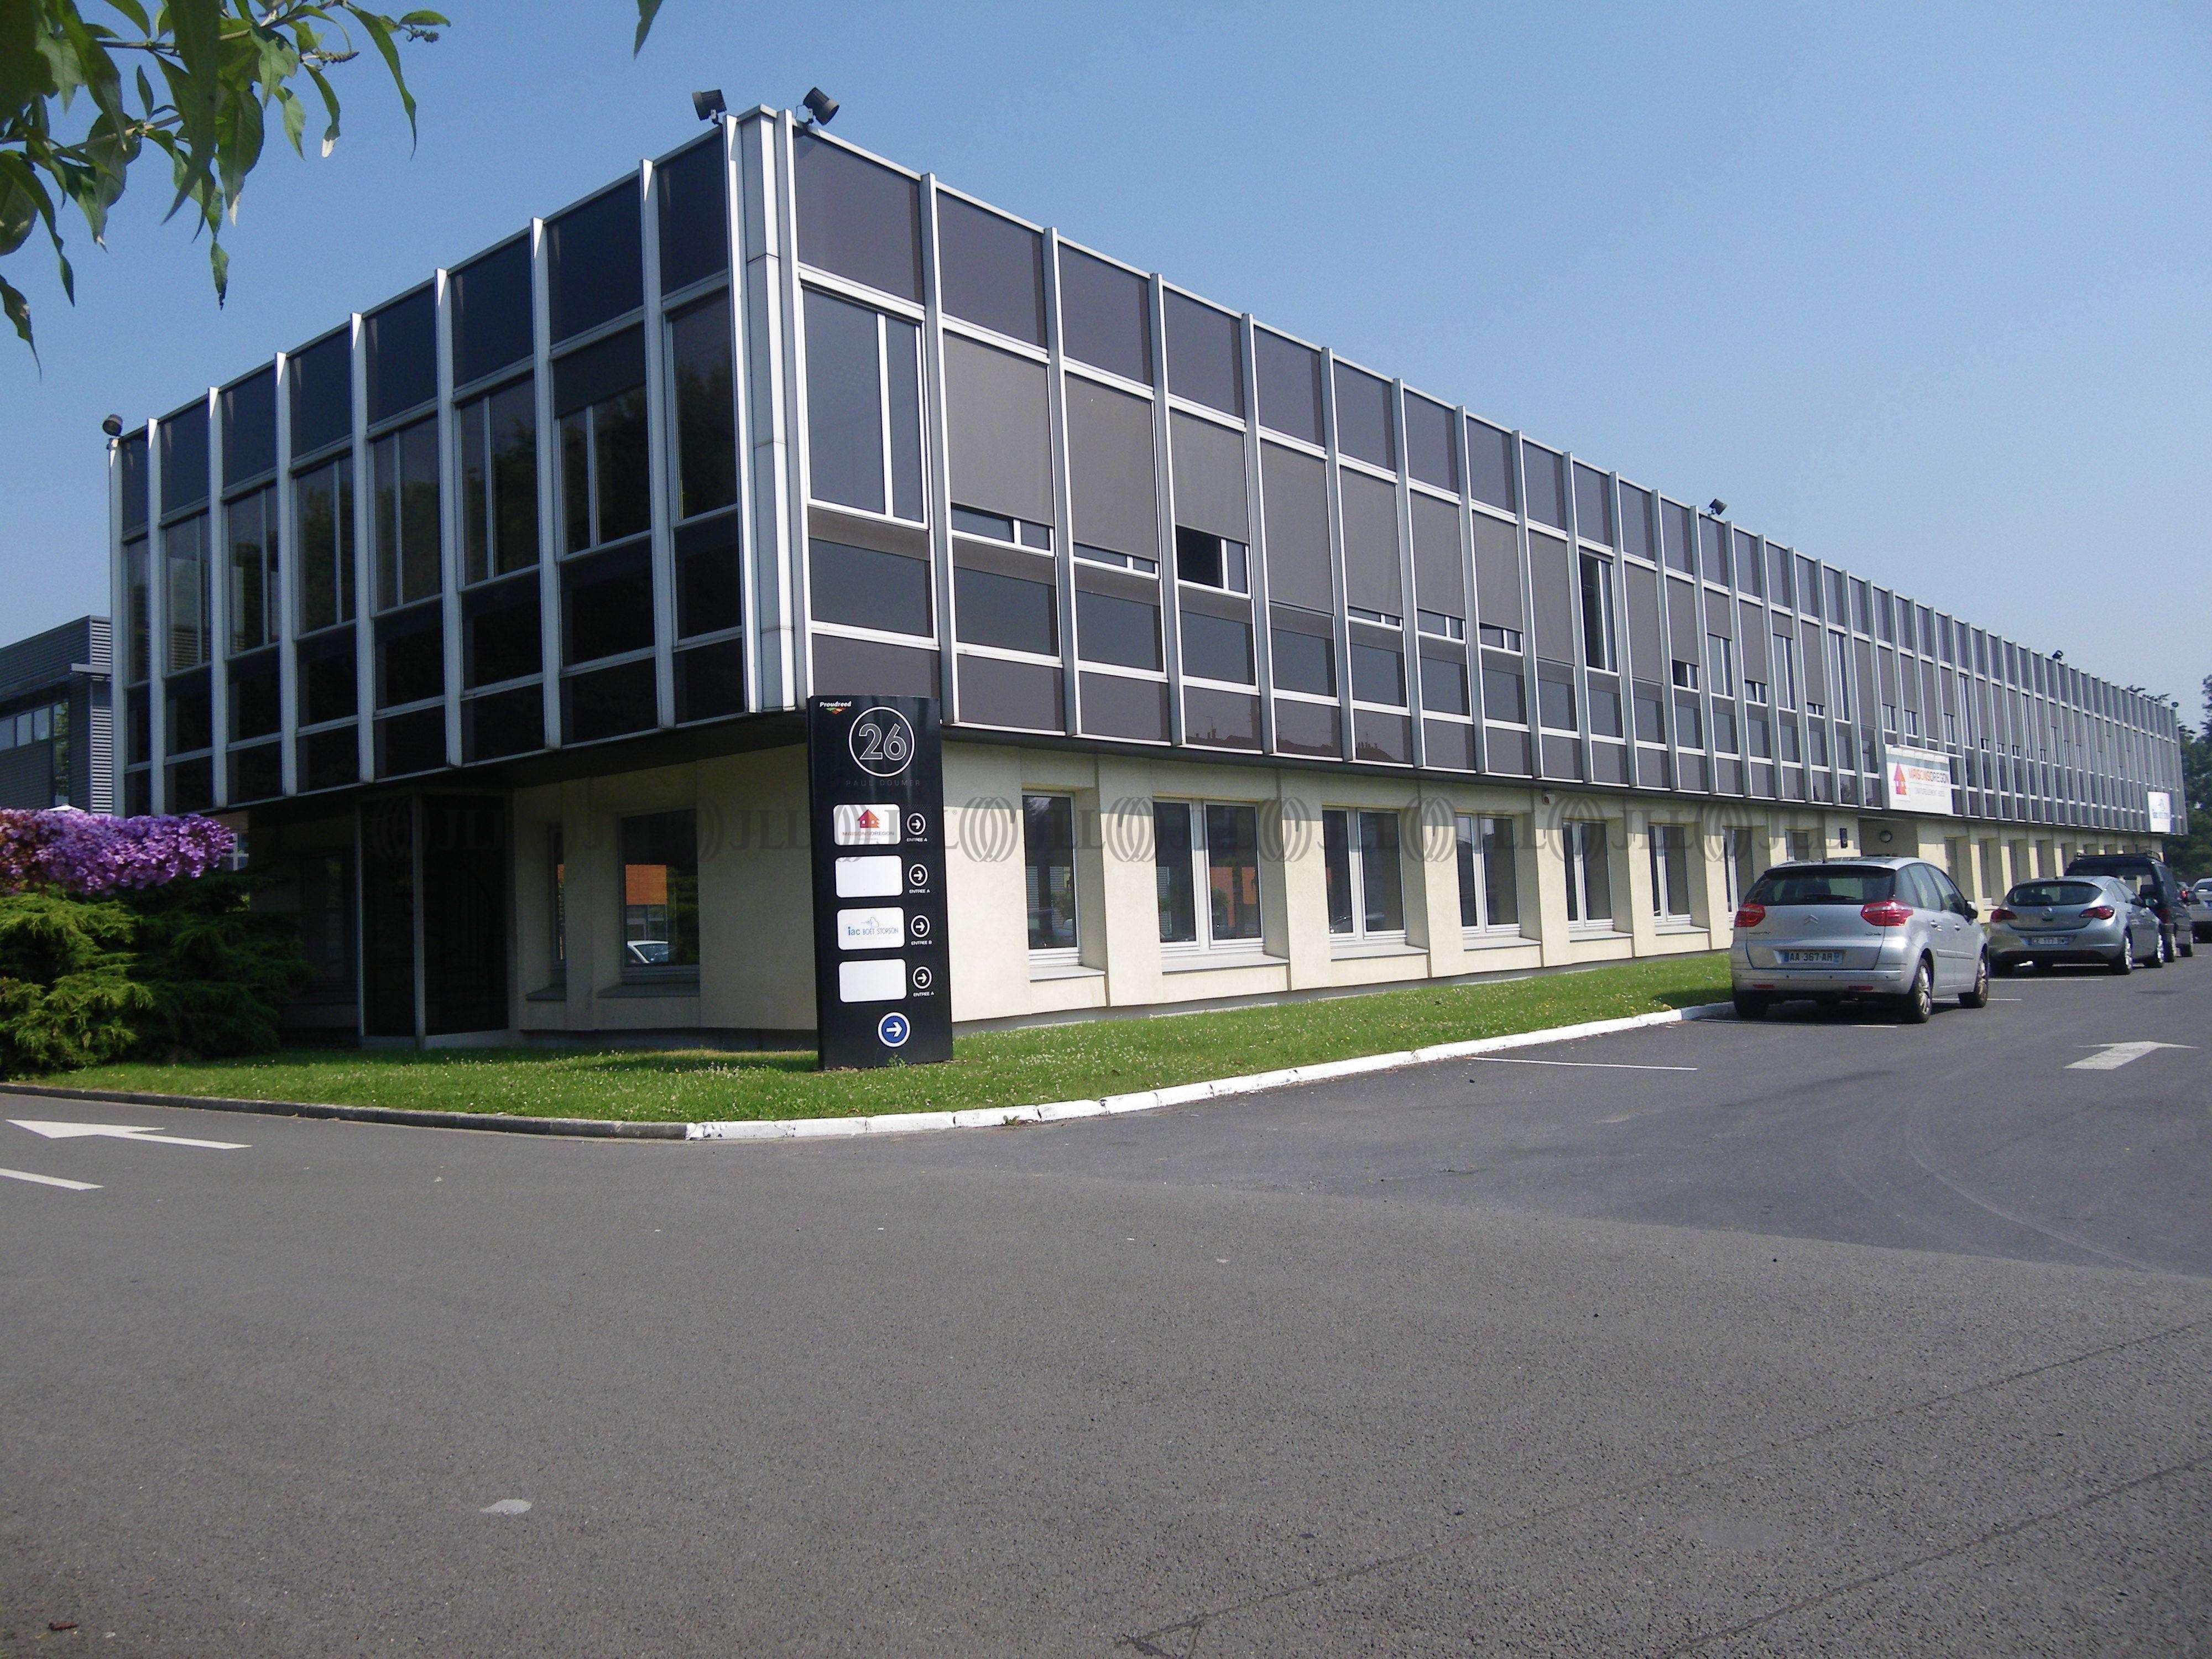 bureaux villeneuve d ascq 59650 380550